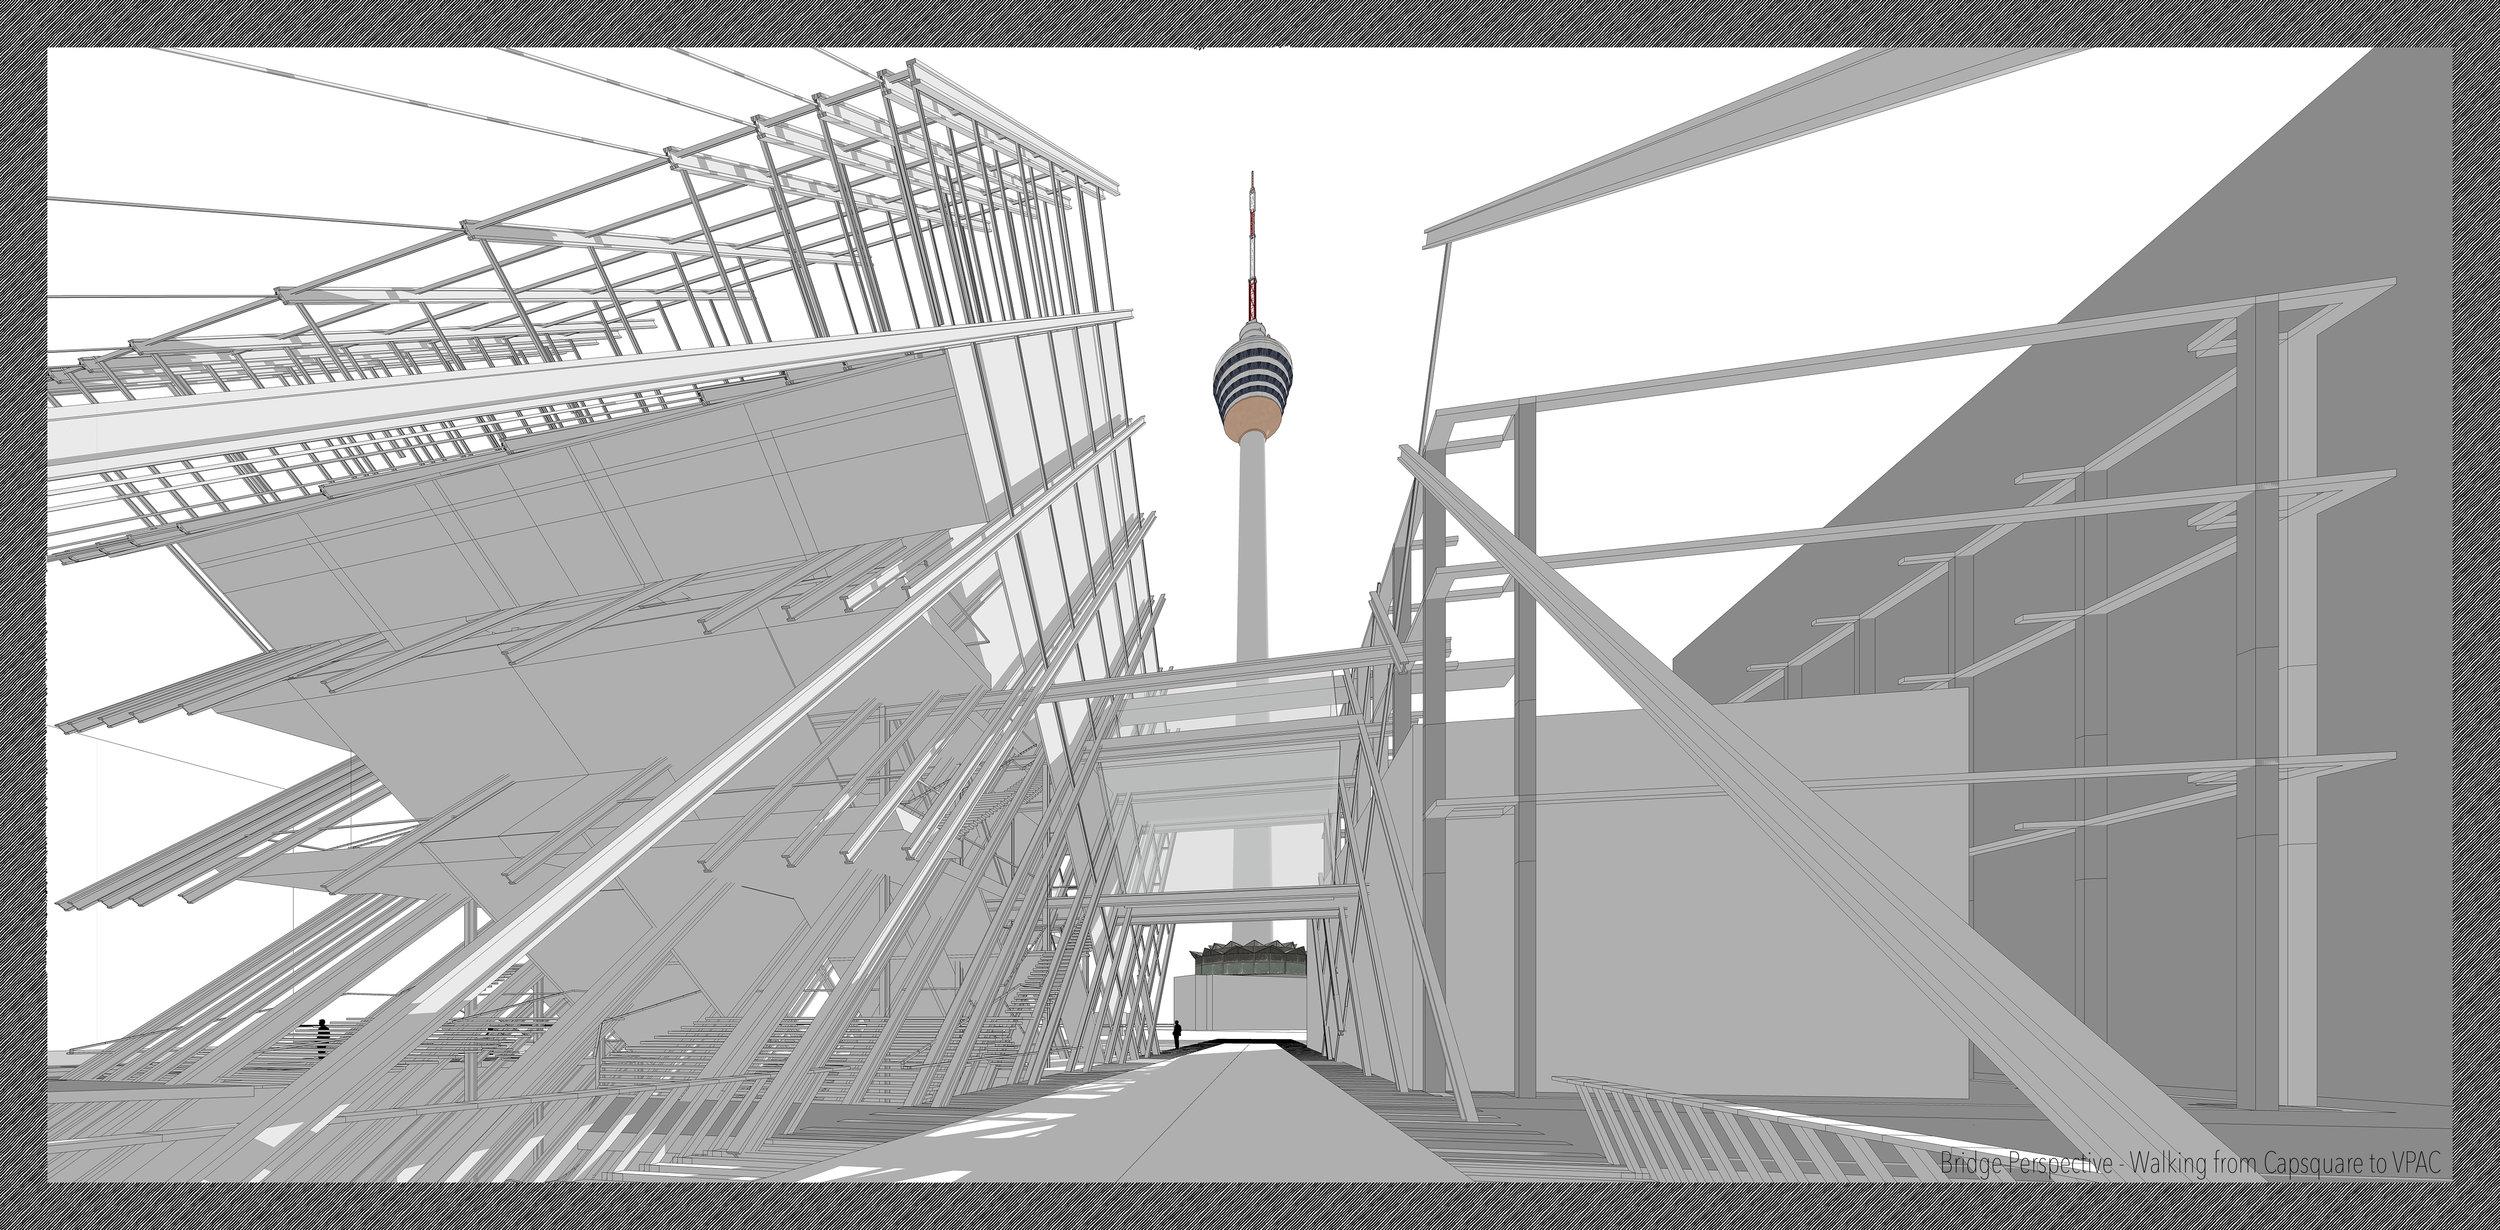 人行橋透視圖